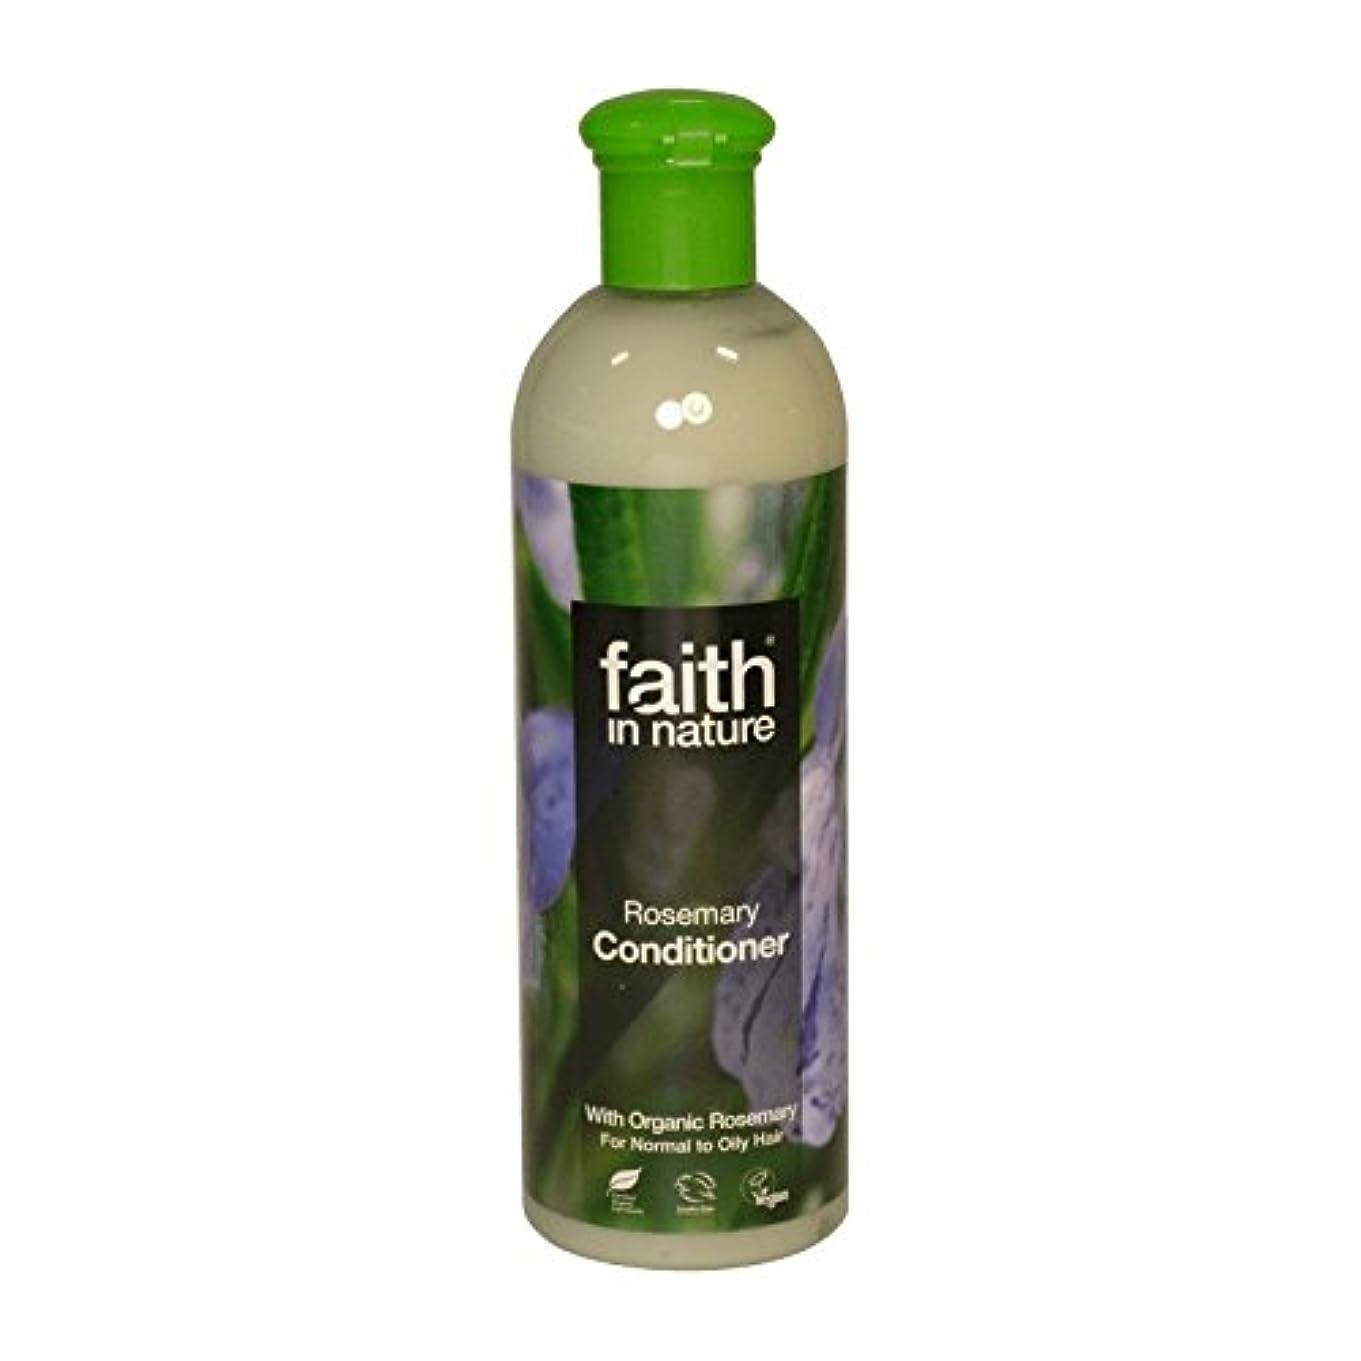 誕生落ち着いた殉教者Faith in Nature Rosemary Conditioner 400ml (Pack of 6) - 自然ローズマリーコンディショナー400ミリリットルの信仰 (x6) [並行輸入品]